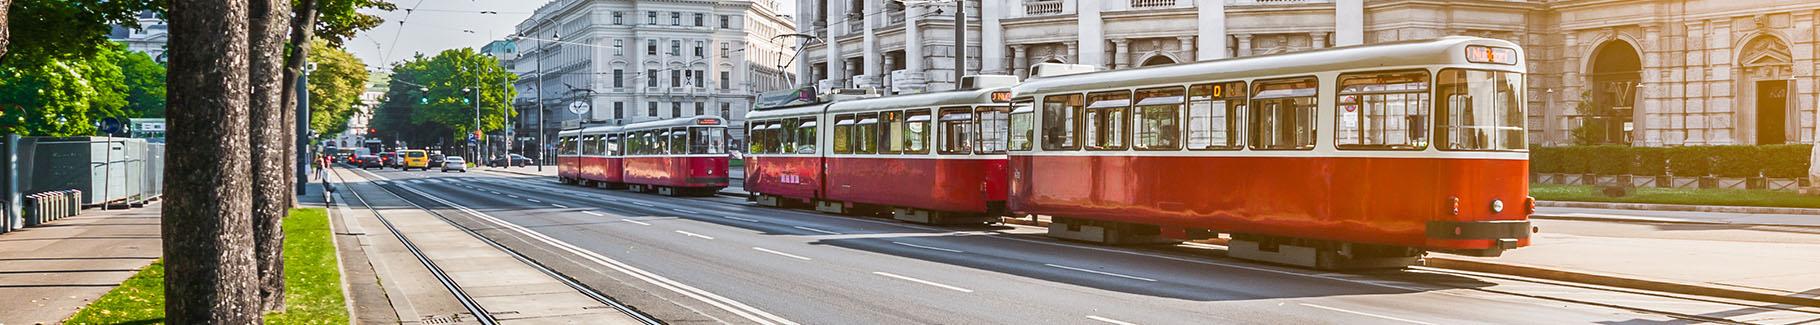 Fototapeta tramwaj w mieście